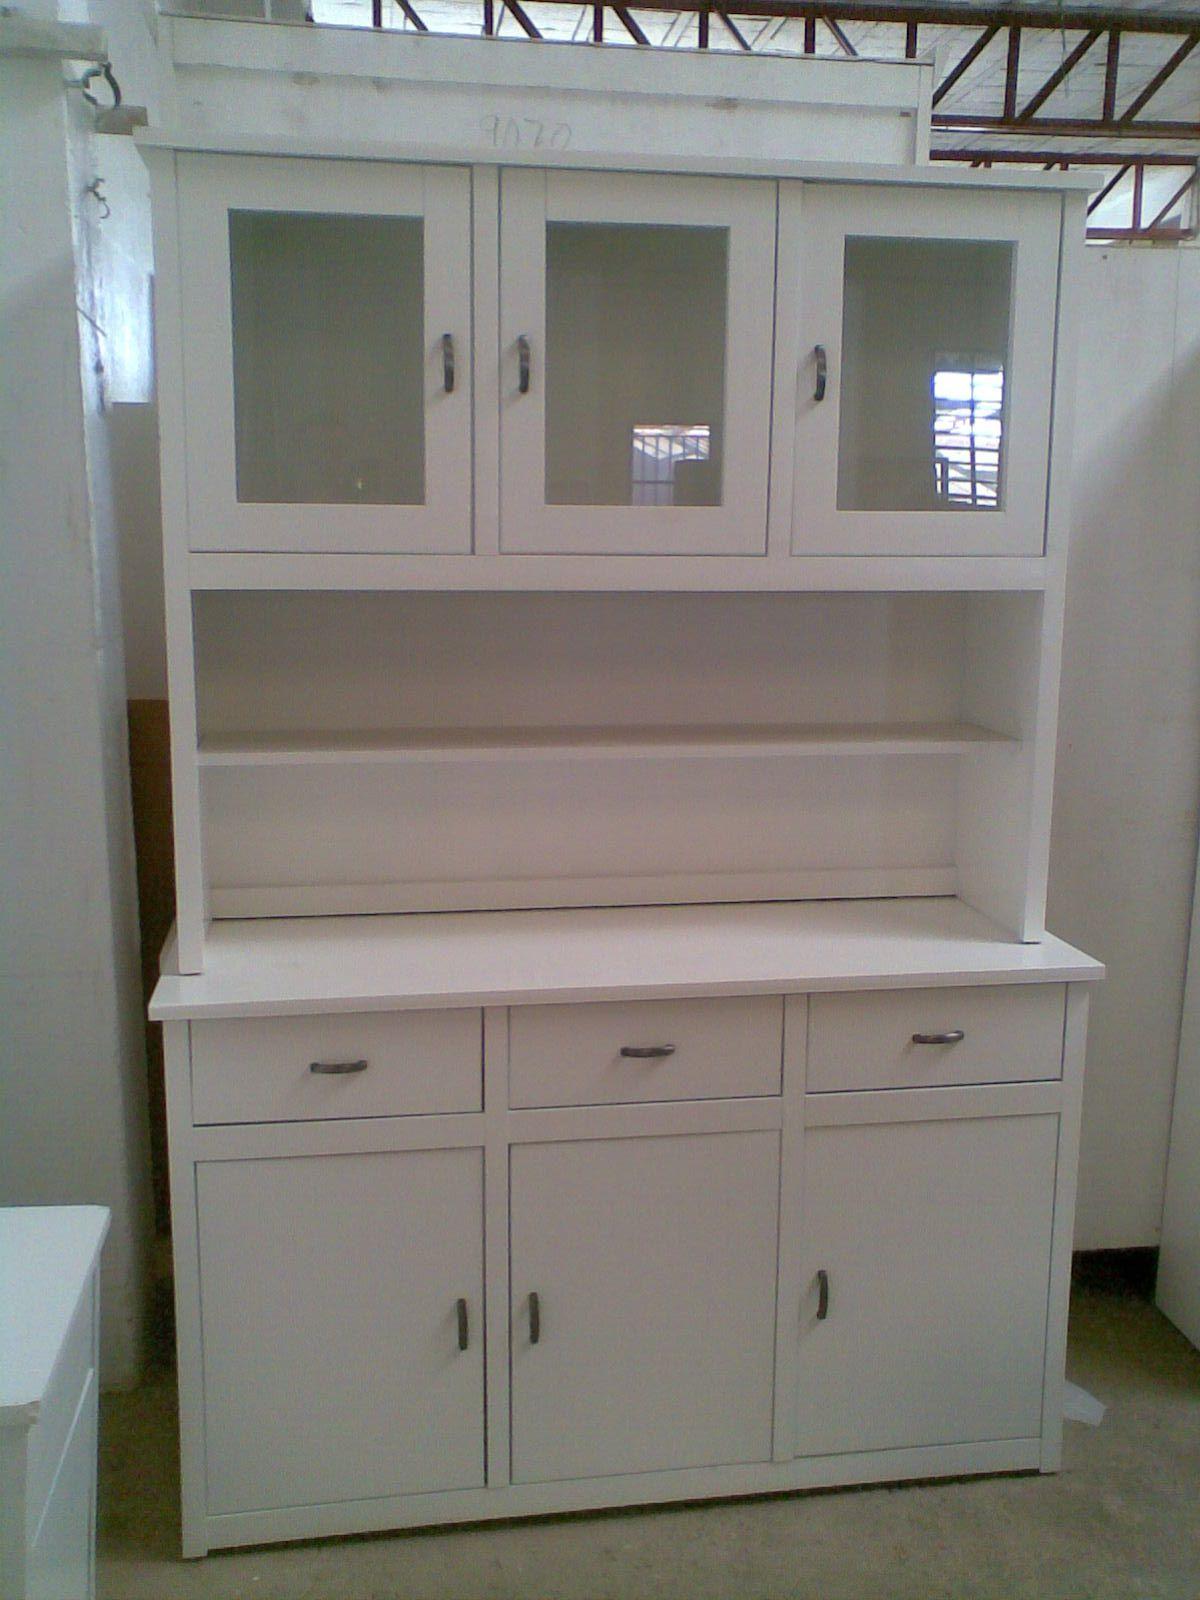 Libreria de madera de pino lacada en blanco tres puertas for Milanuncios muebles dormitorio